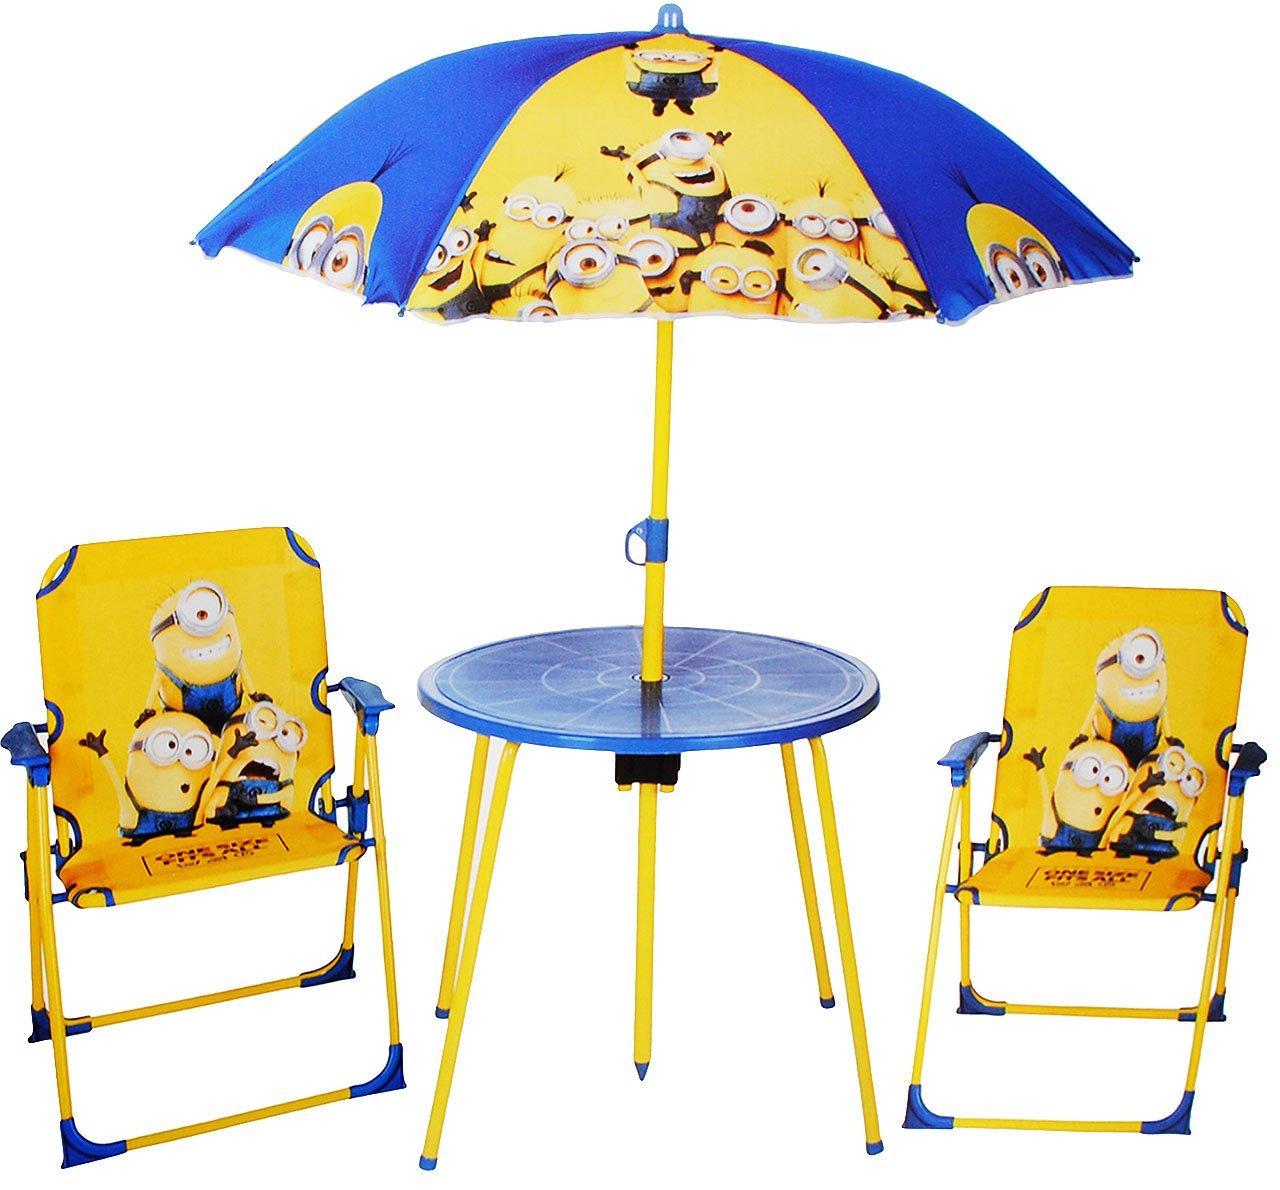 alles-meine.de GmbH 4 TLG. Set: Sitzgruppe - Tisch + 2 Kinderstühle + Sonnenschirm - Minion - Ich einfach unverbesserlich - für Kinder - Campingstuhl - Klappstühle / kippsic..